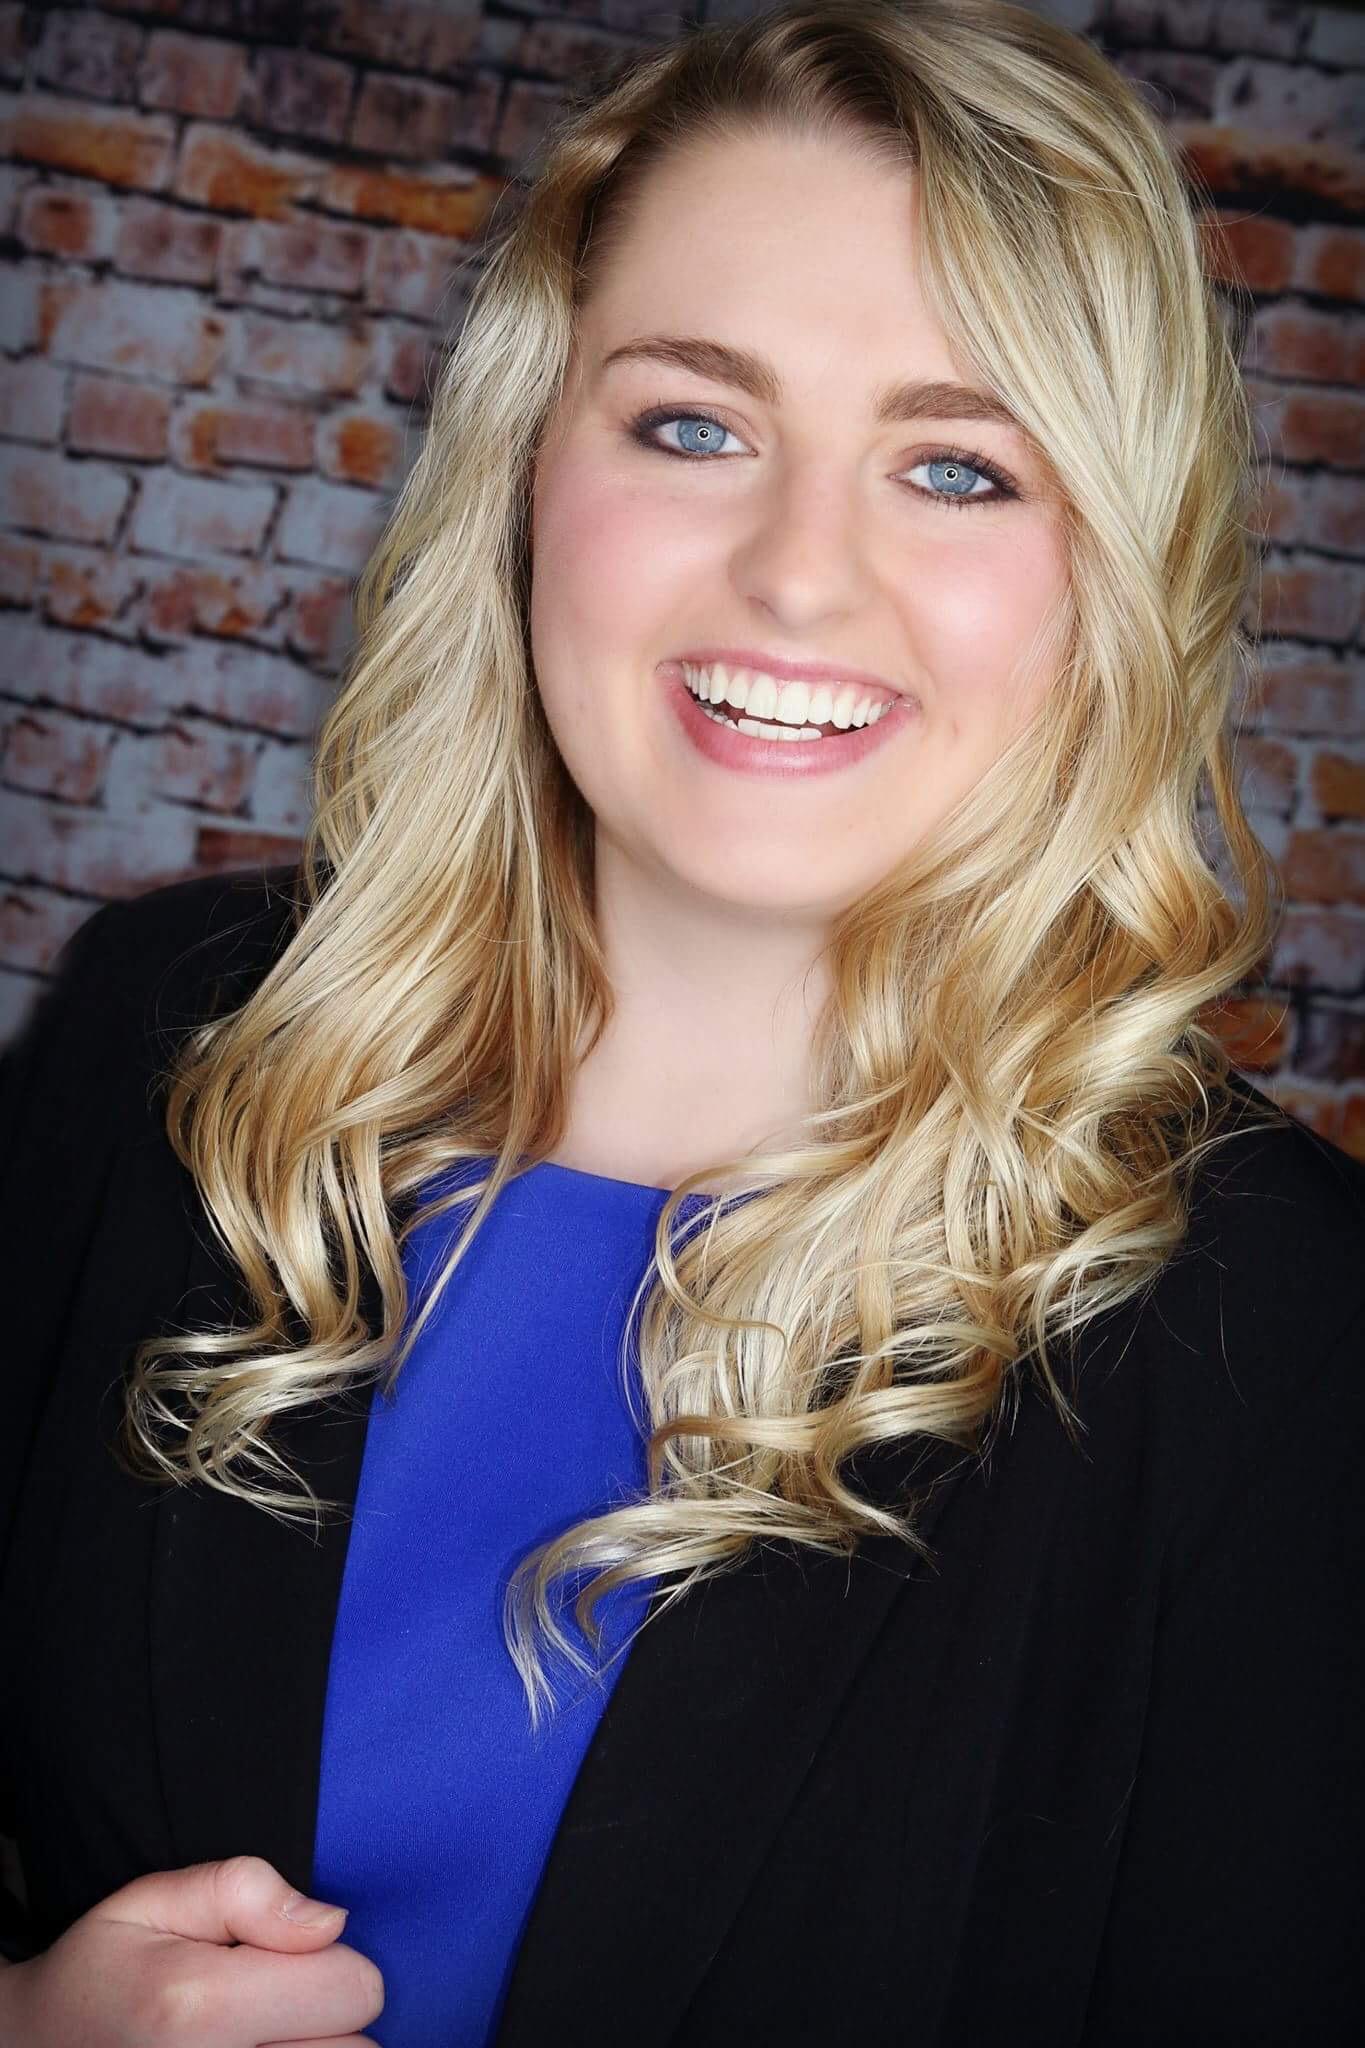 Mackenzie Huber